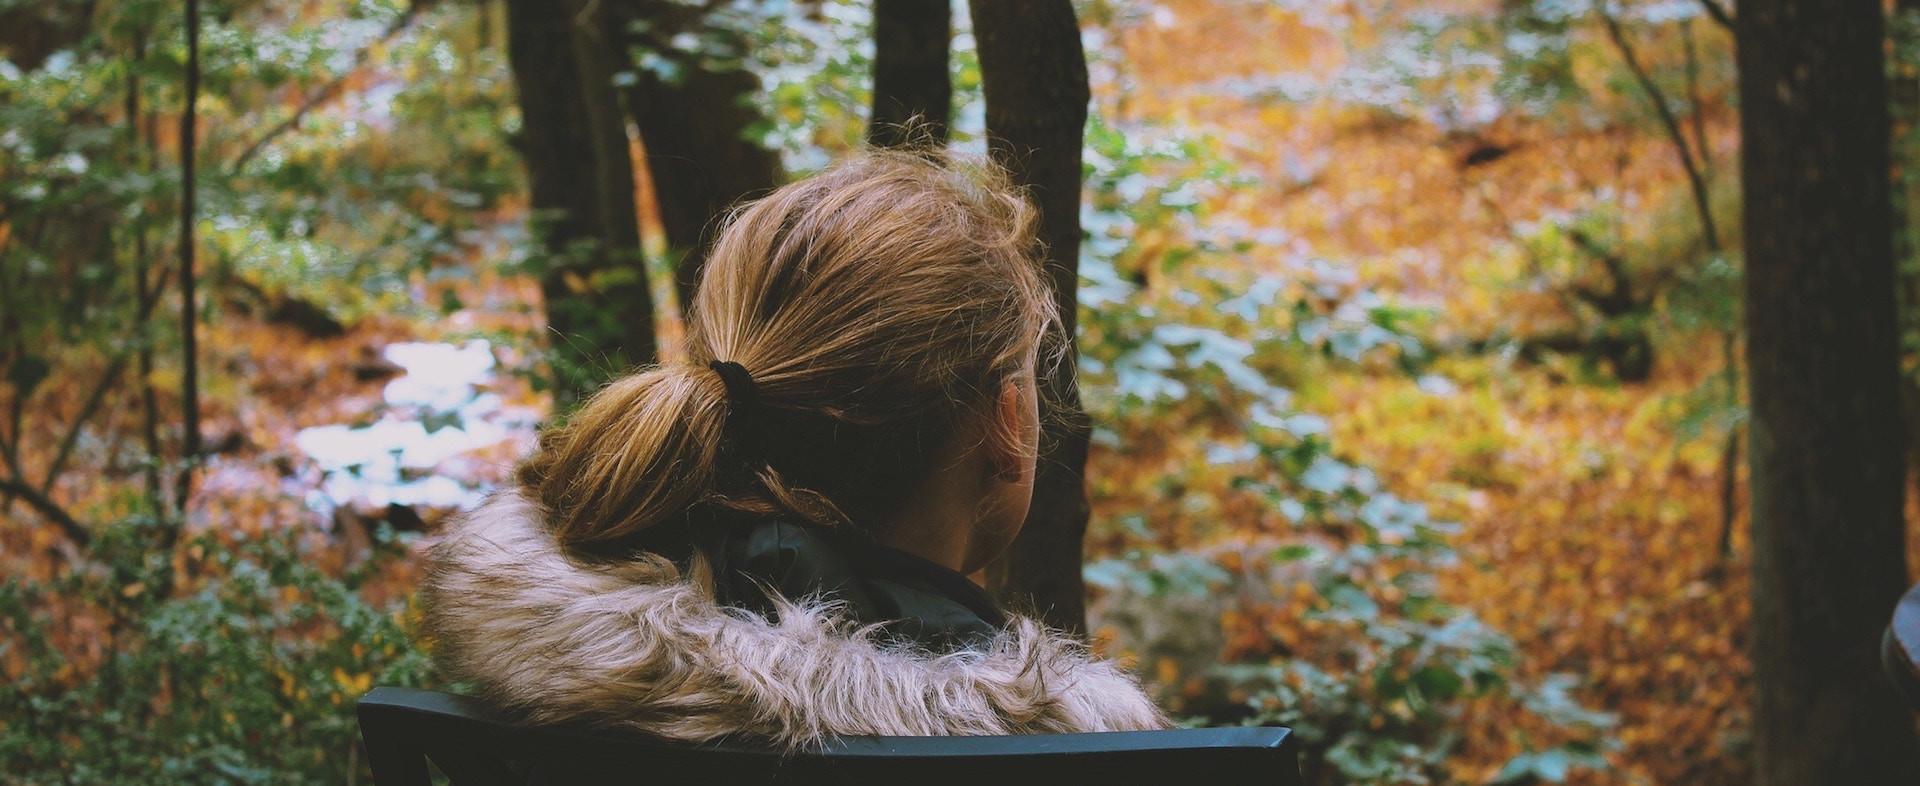 Trauer überwinden_Blog Andrea vorm Walde